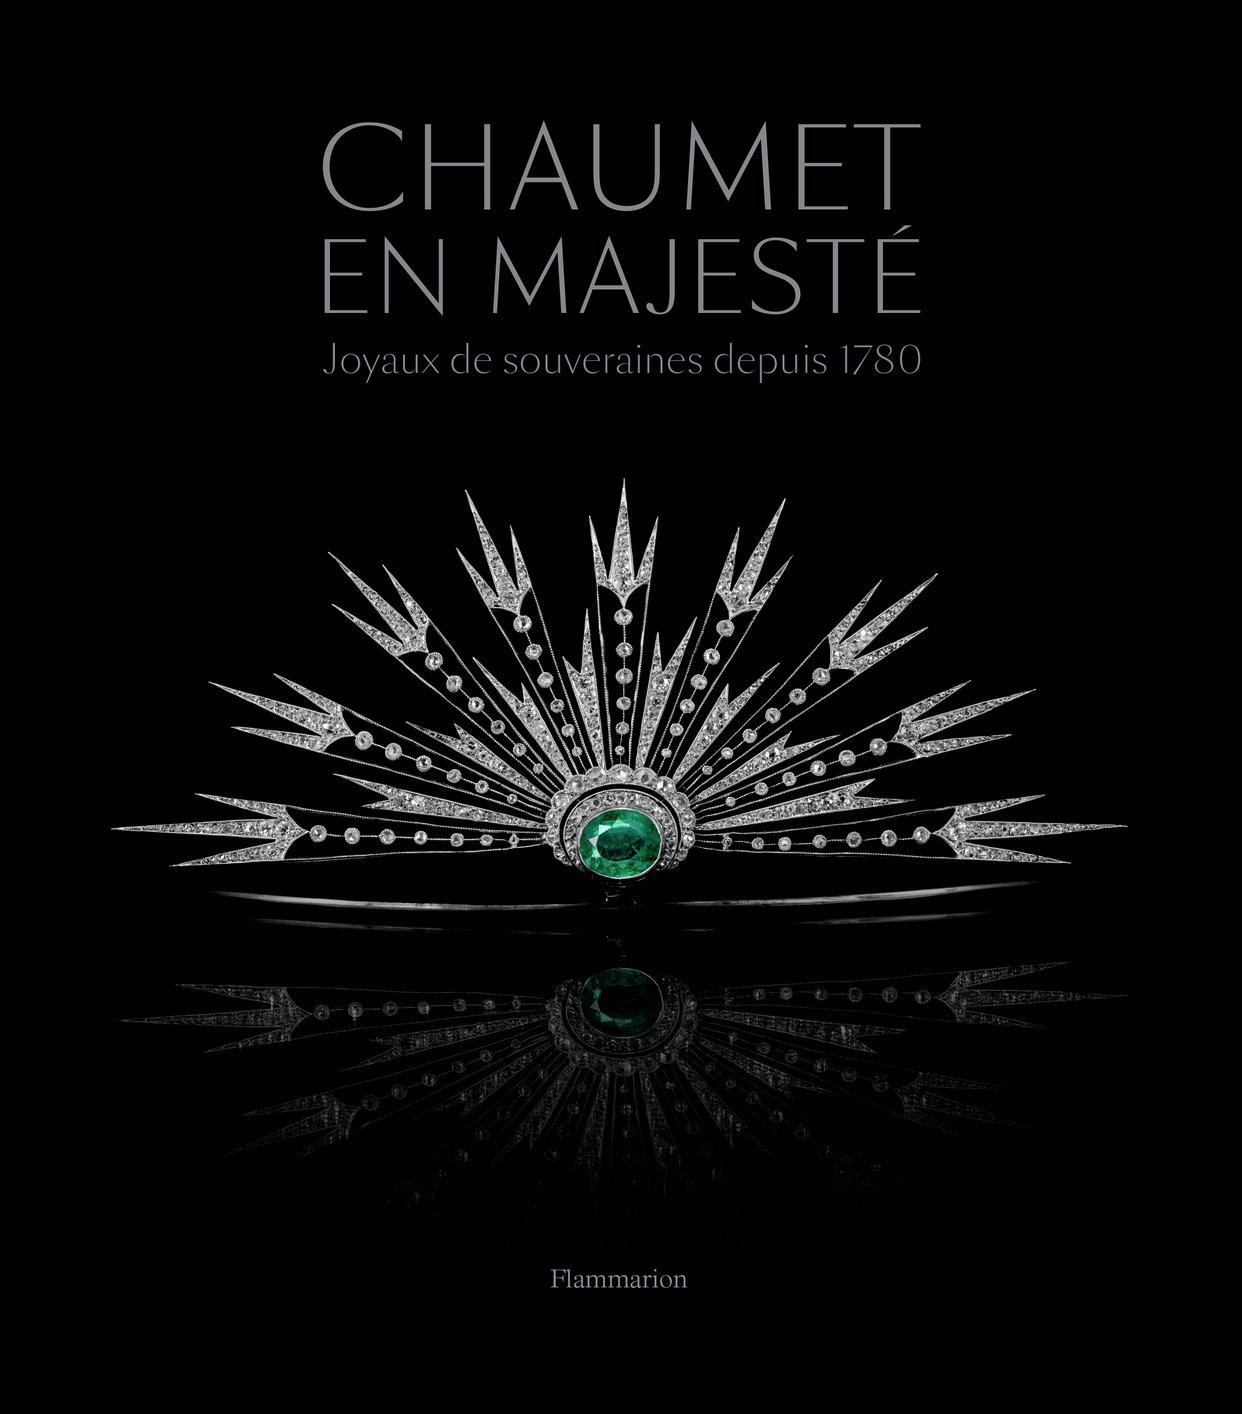 CHAUMET EN MAJESTE - JOYAUX DE SOUVERAINES DEPUIS 1780